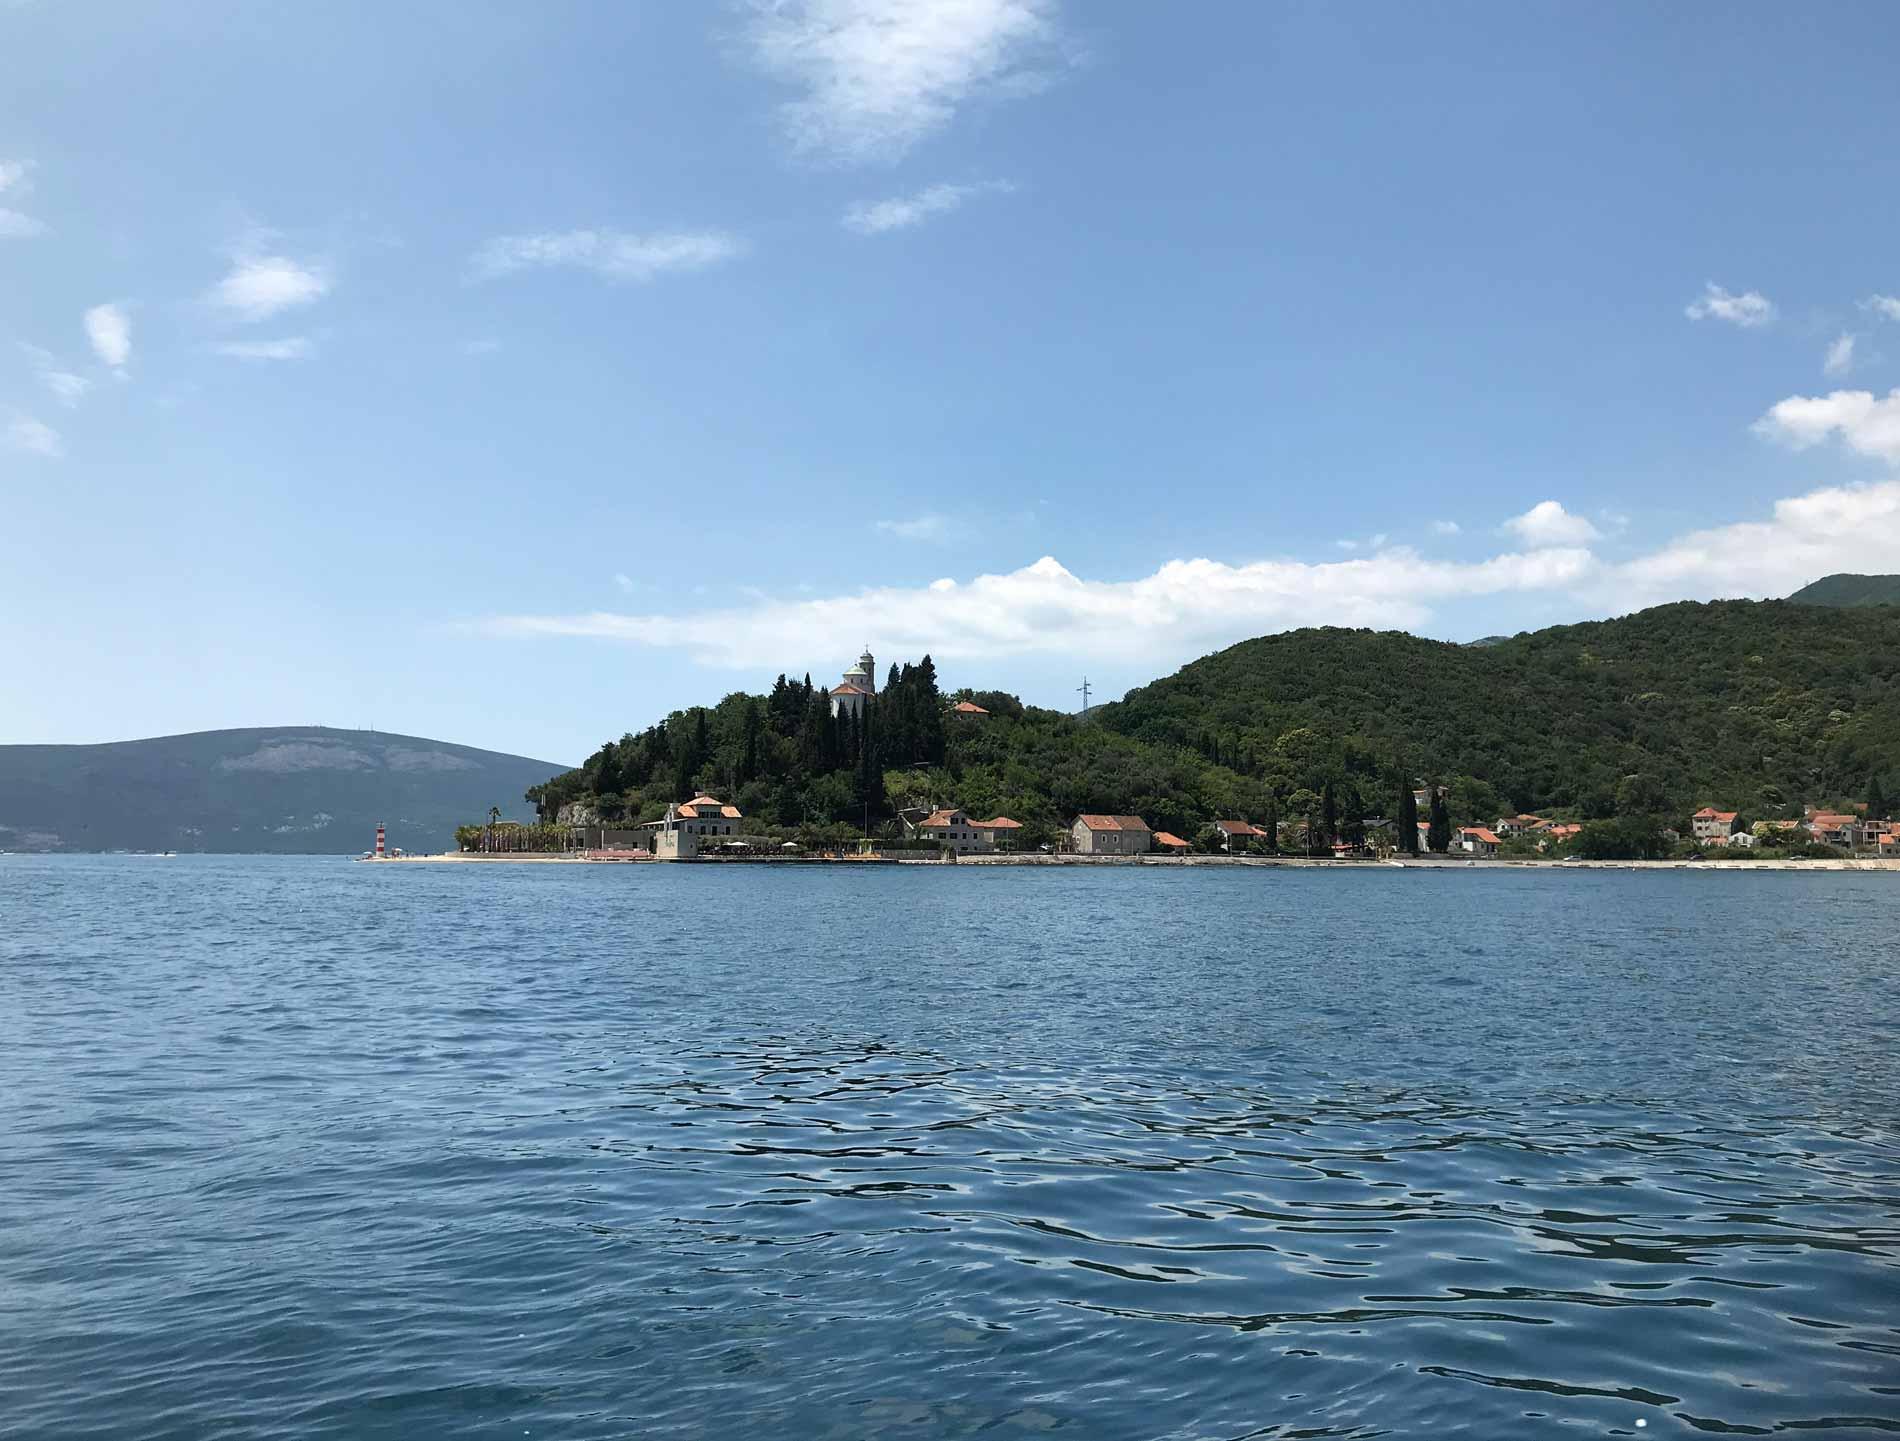 Bocche-di-Cattaro-Montenegro-penisola-Josice-chiesa-spiaggia-natura